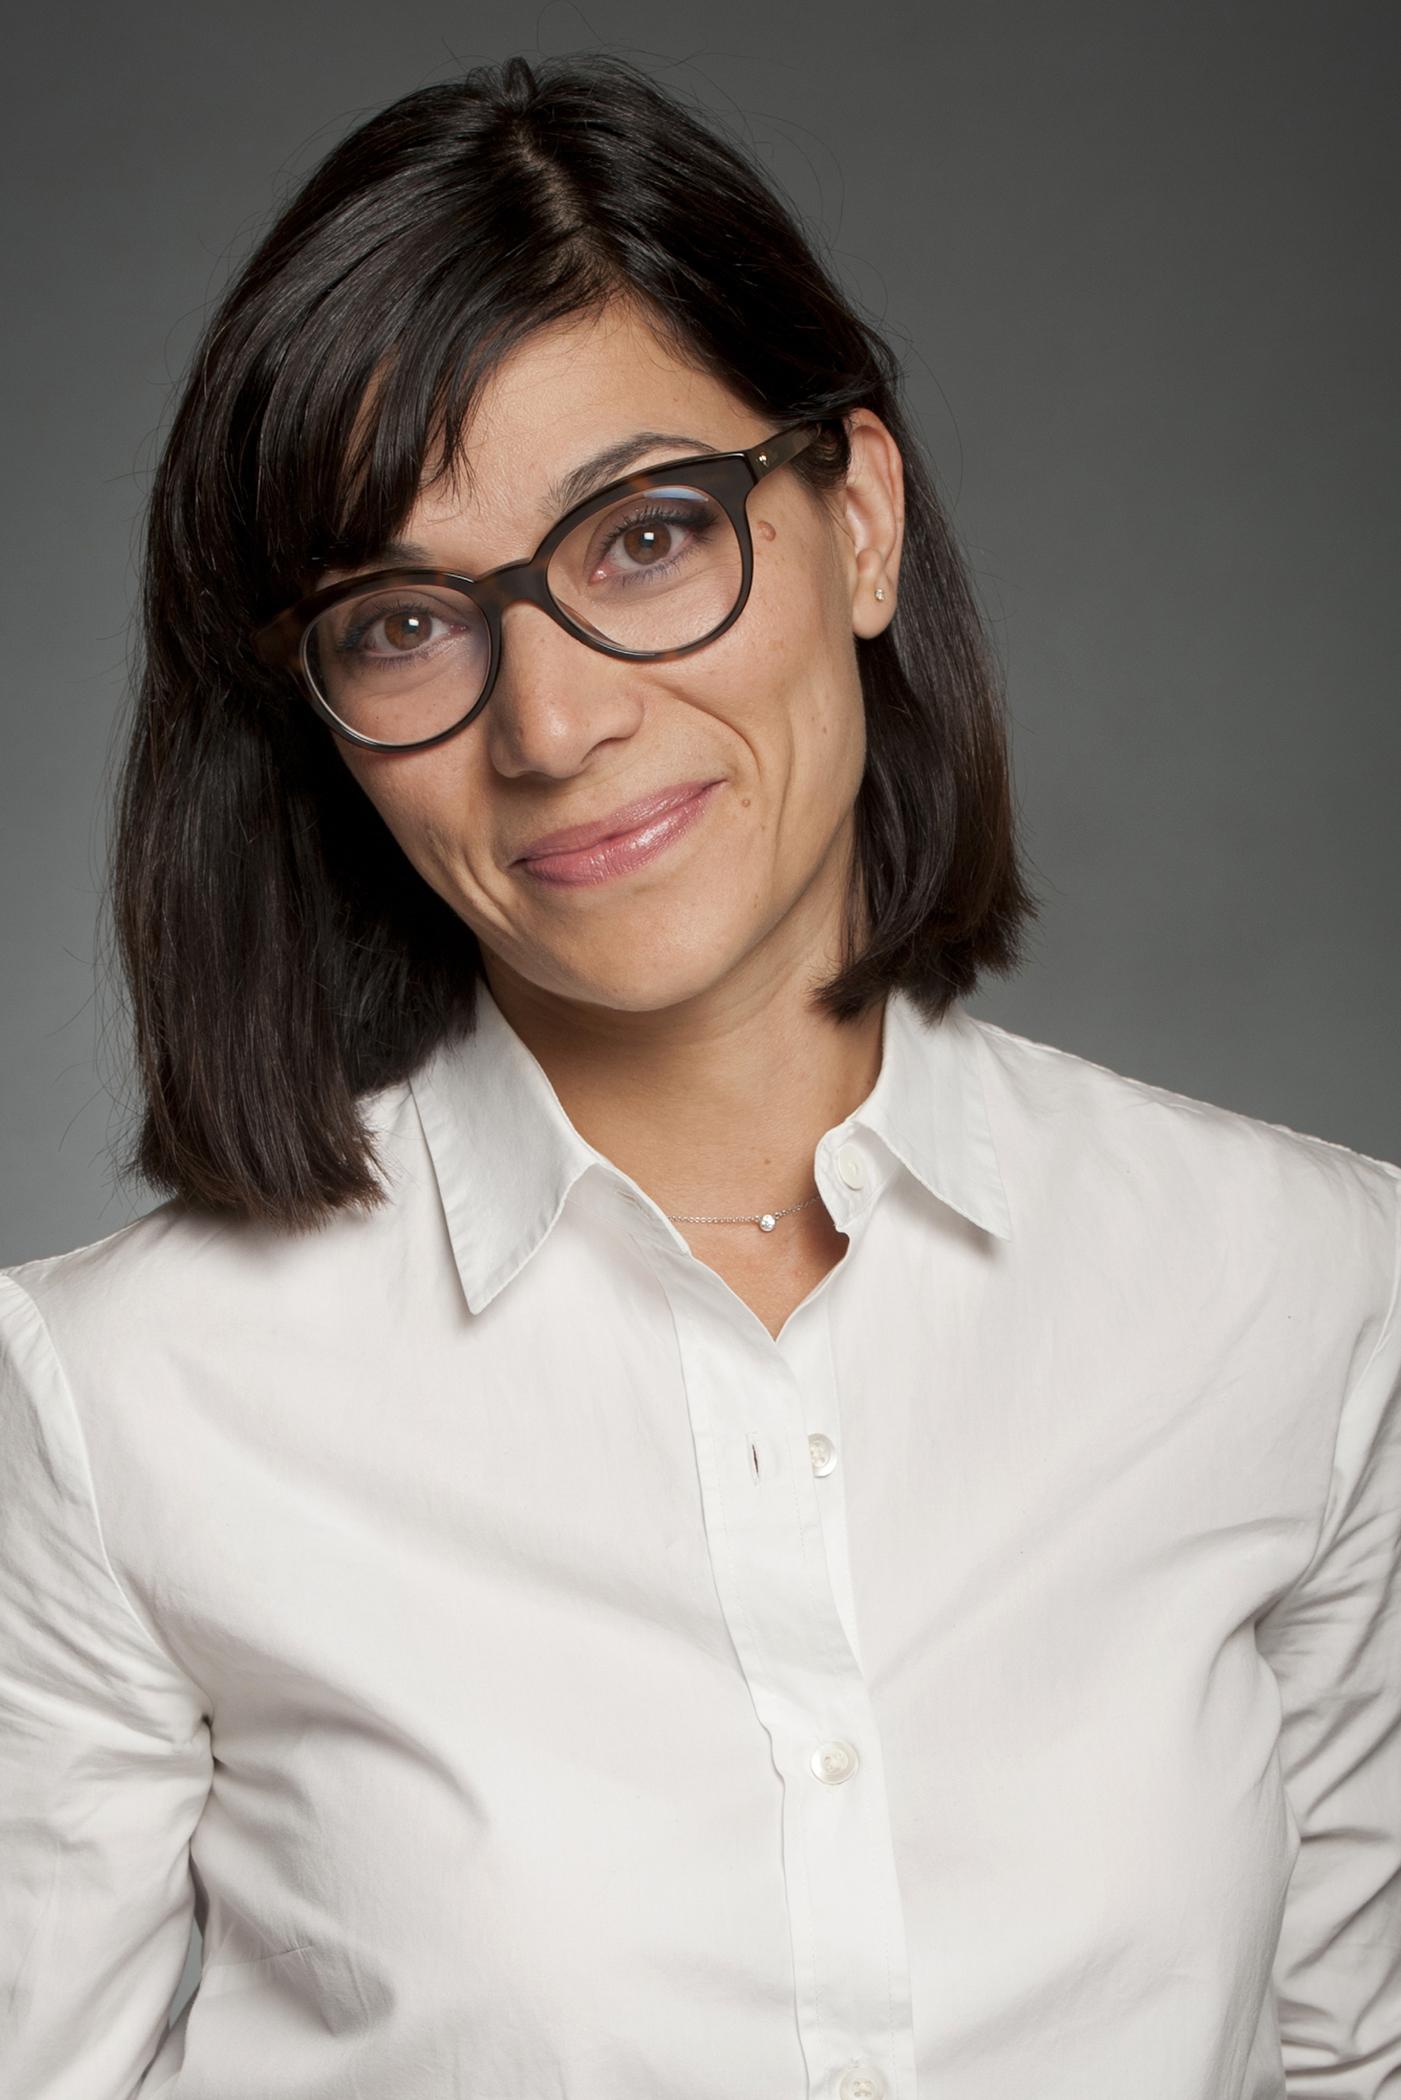 Cintia Quiroga